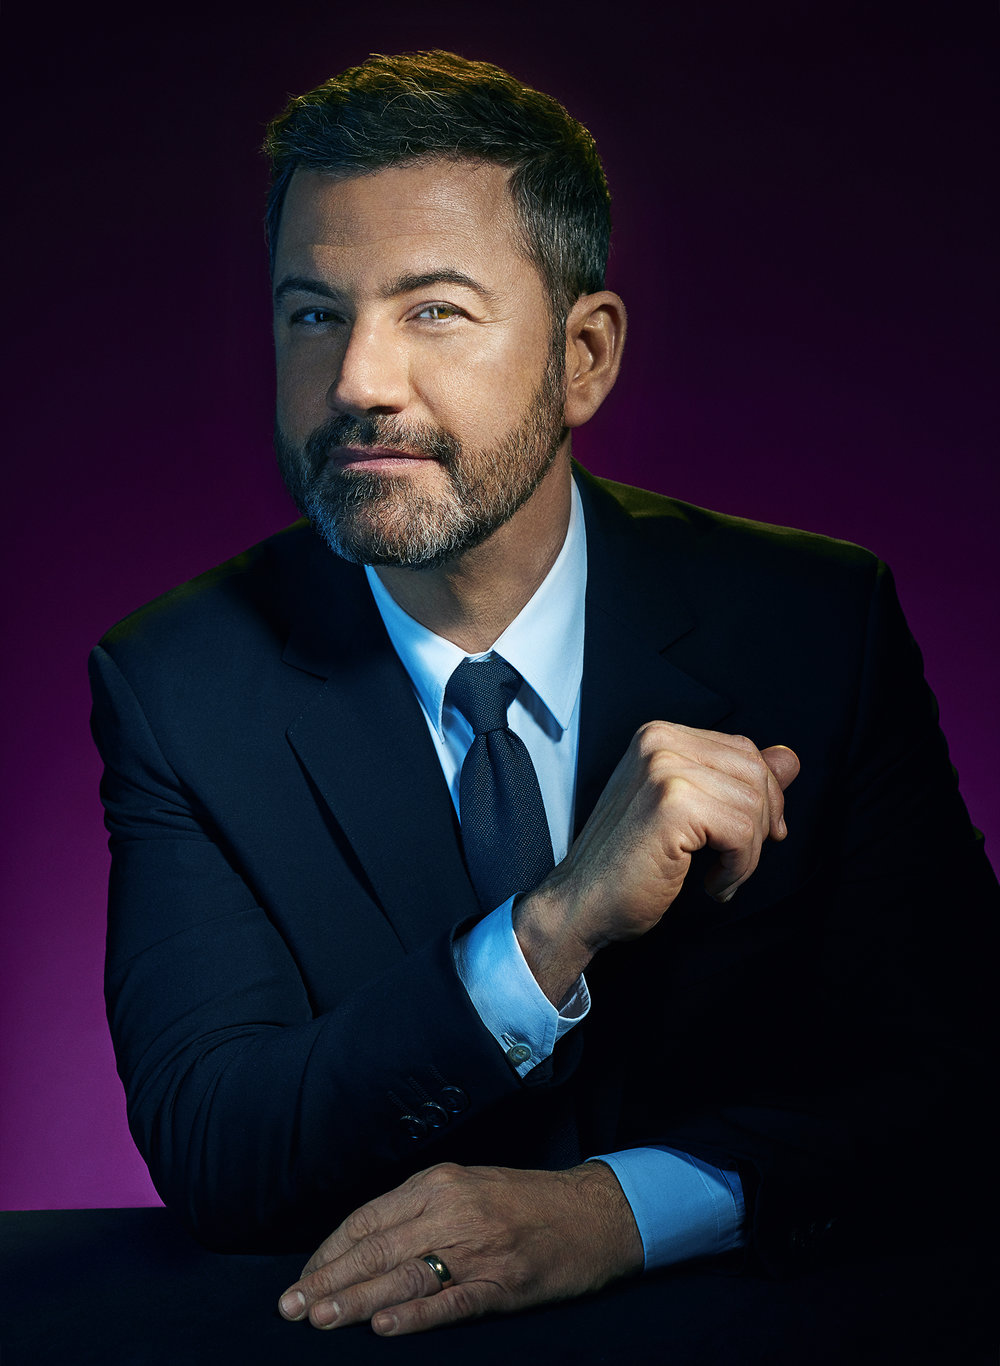 Jimmy+Kimmel_Portrait_Port_Crop.jpg